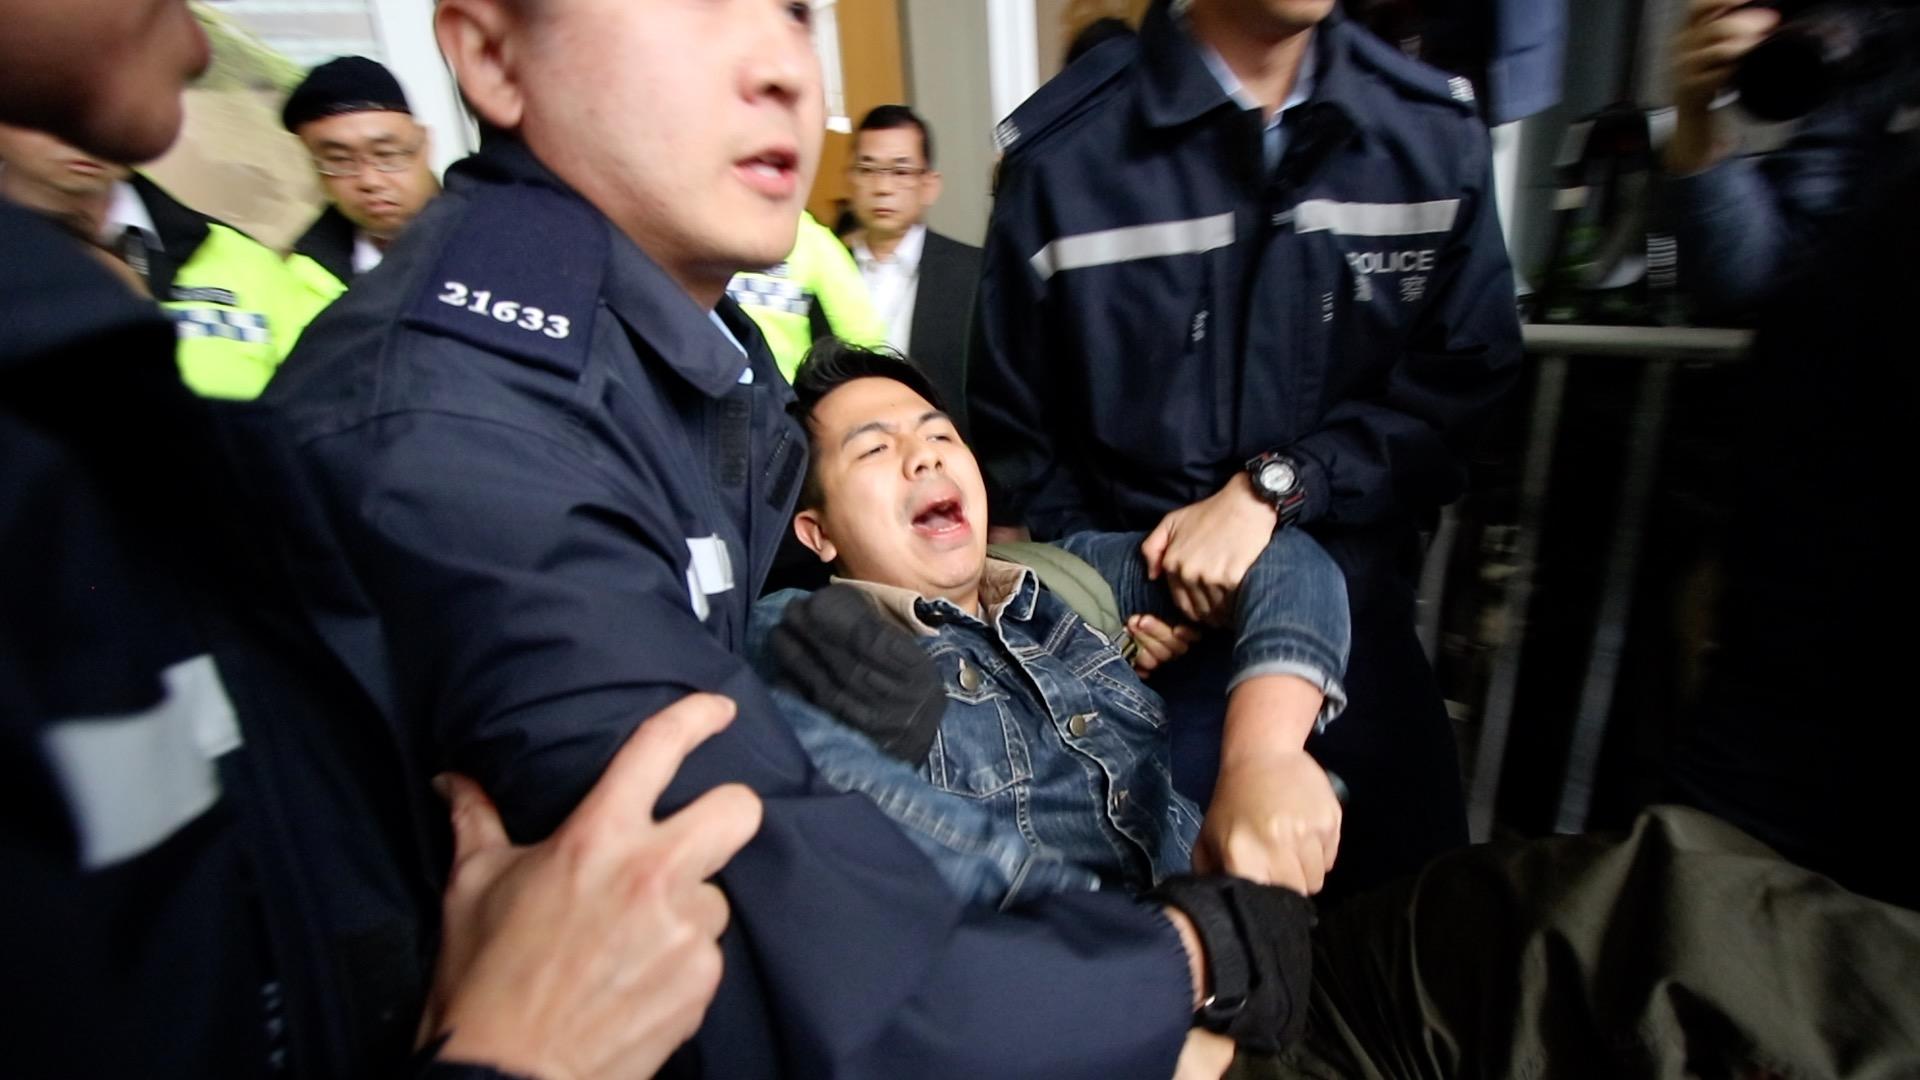 香港眾志主席林朗彥被警察拘捕。(蔡雯文/大紀元)